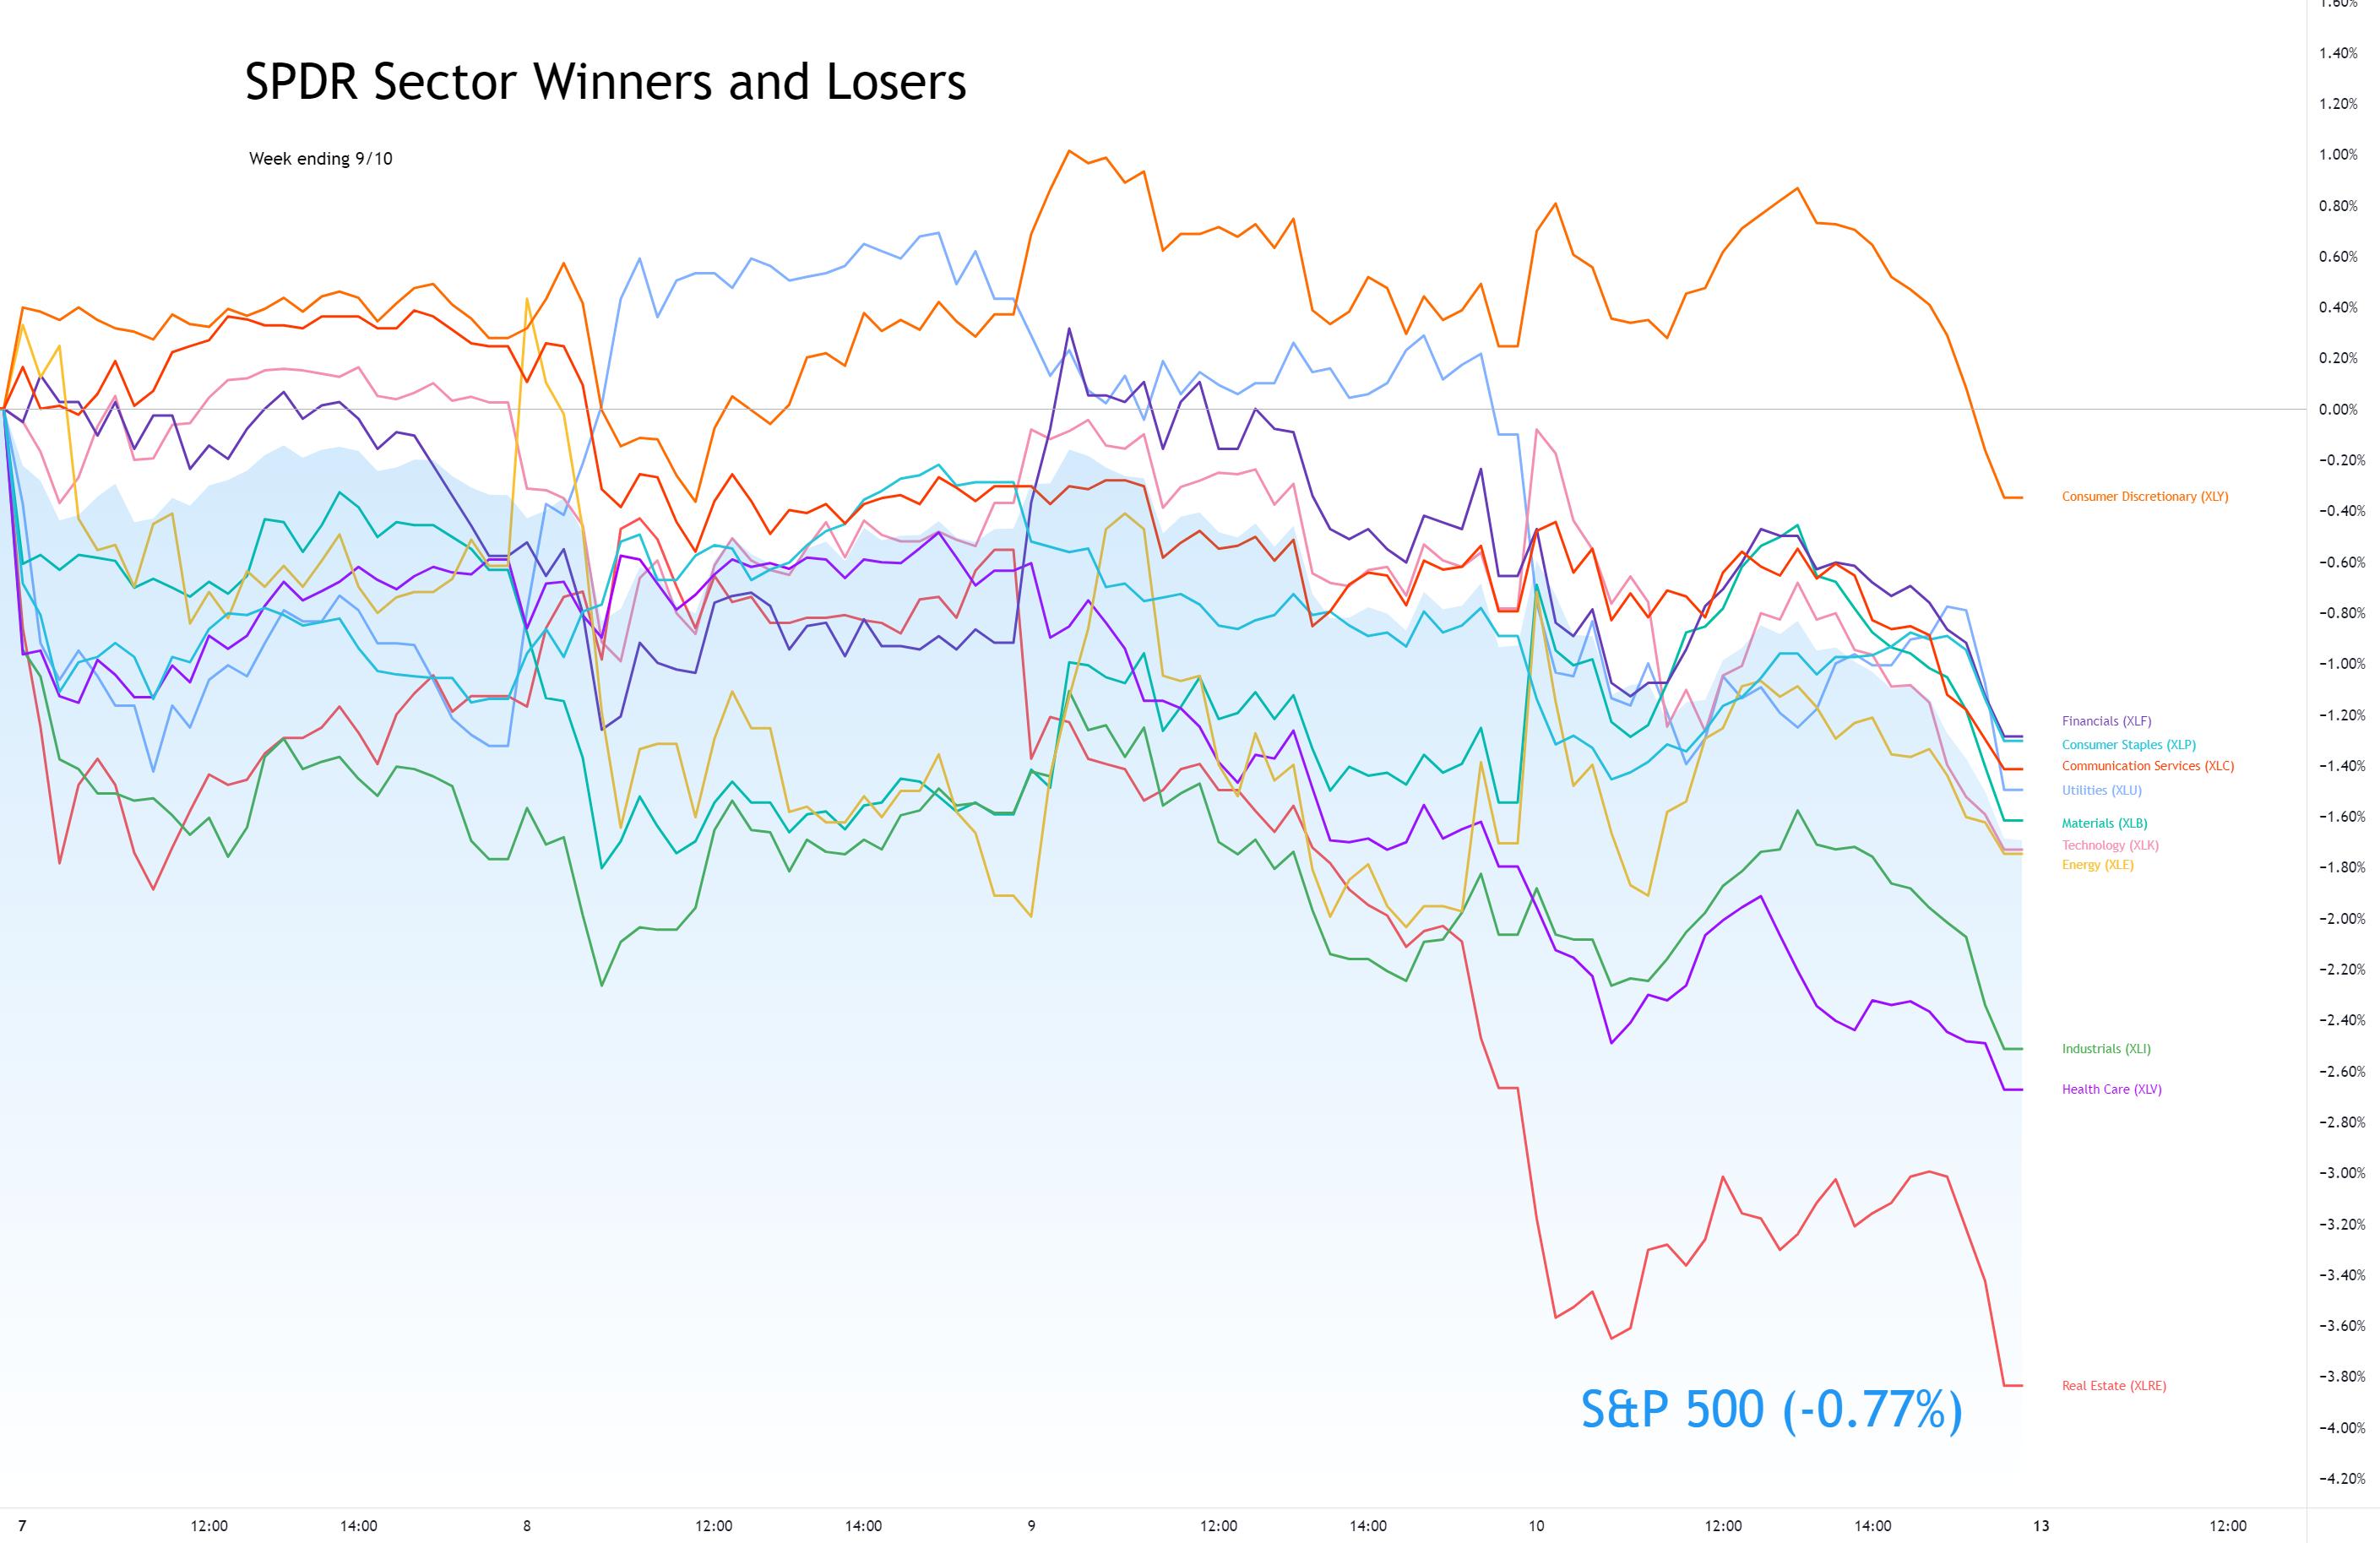 Sector Winners and Losers week ending 9/10